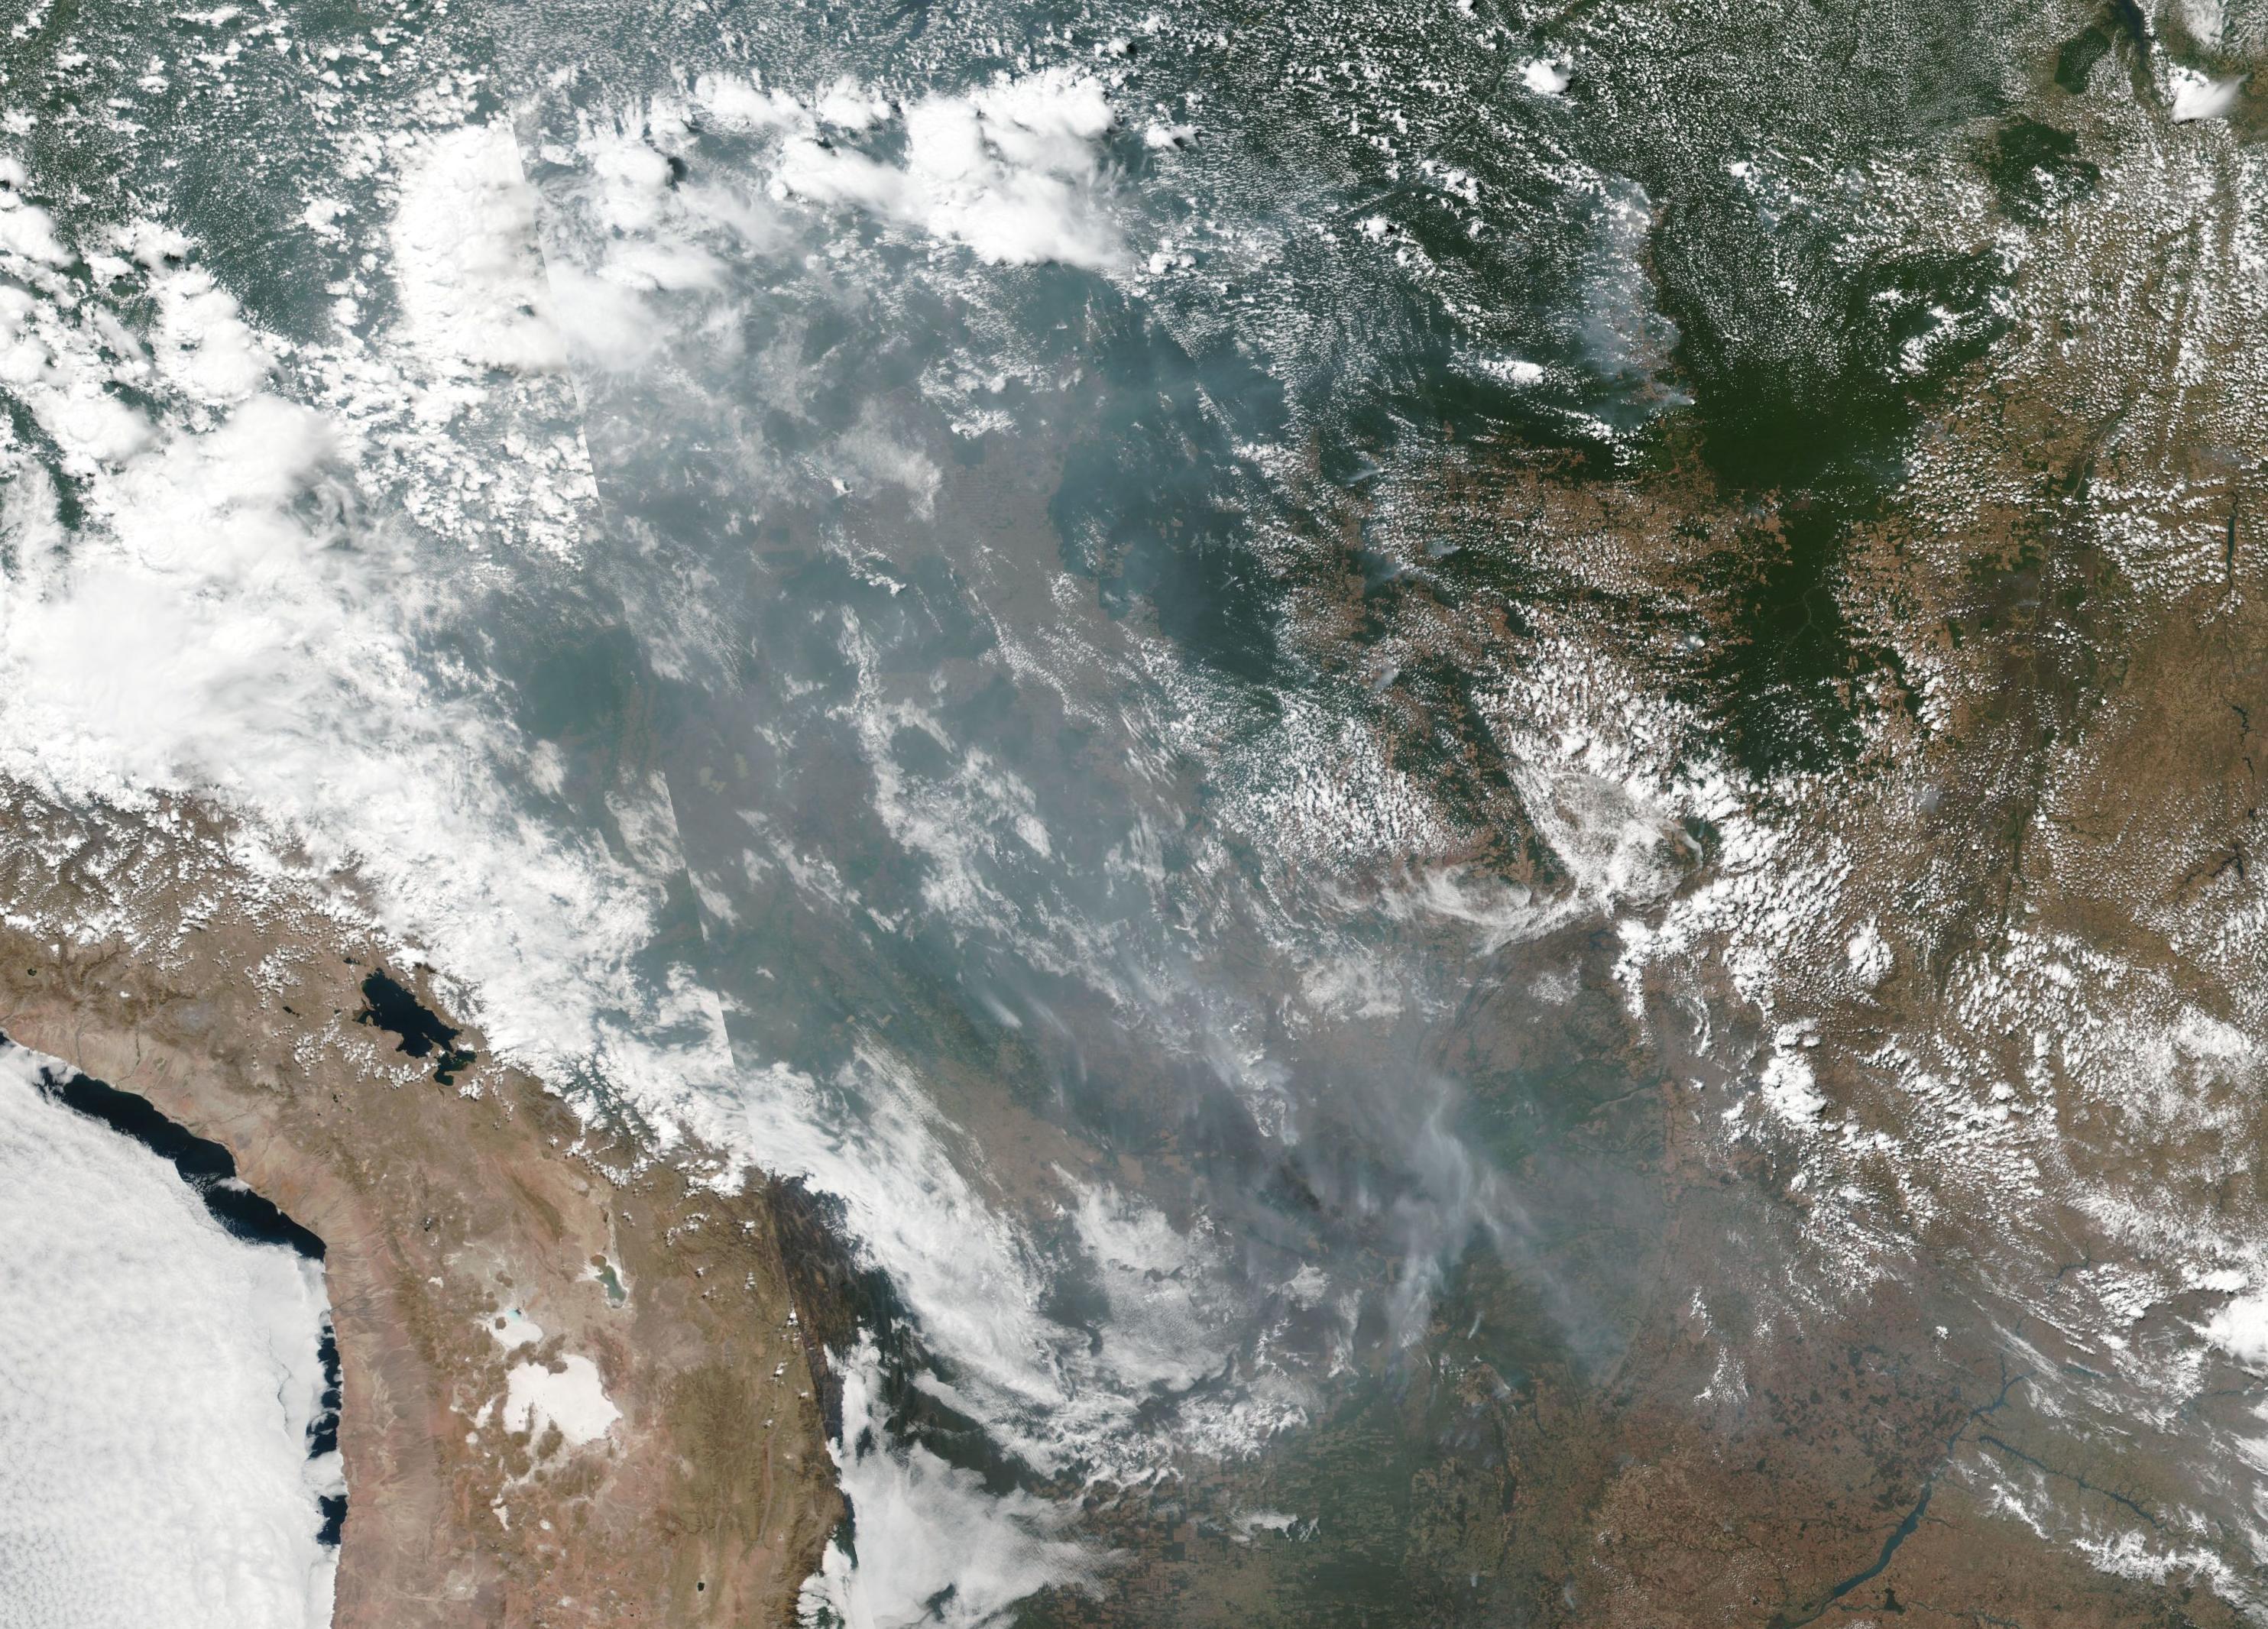 Fumaça das queimadas na Amazônia registrada do espaço. Imagem do dia no site da Agência Espacial Americana: NASA Worldview, Earth Observing System Data and Information System (EOSDIS)